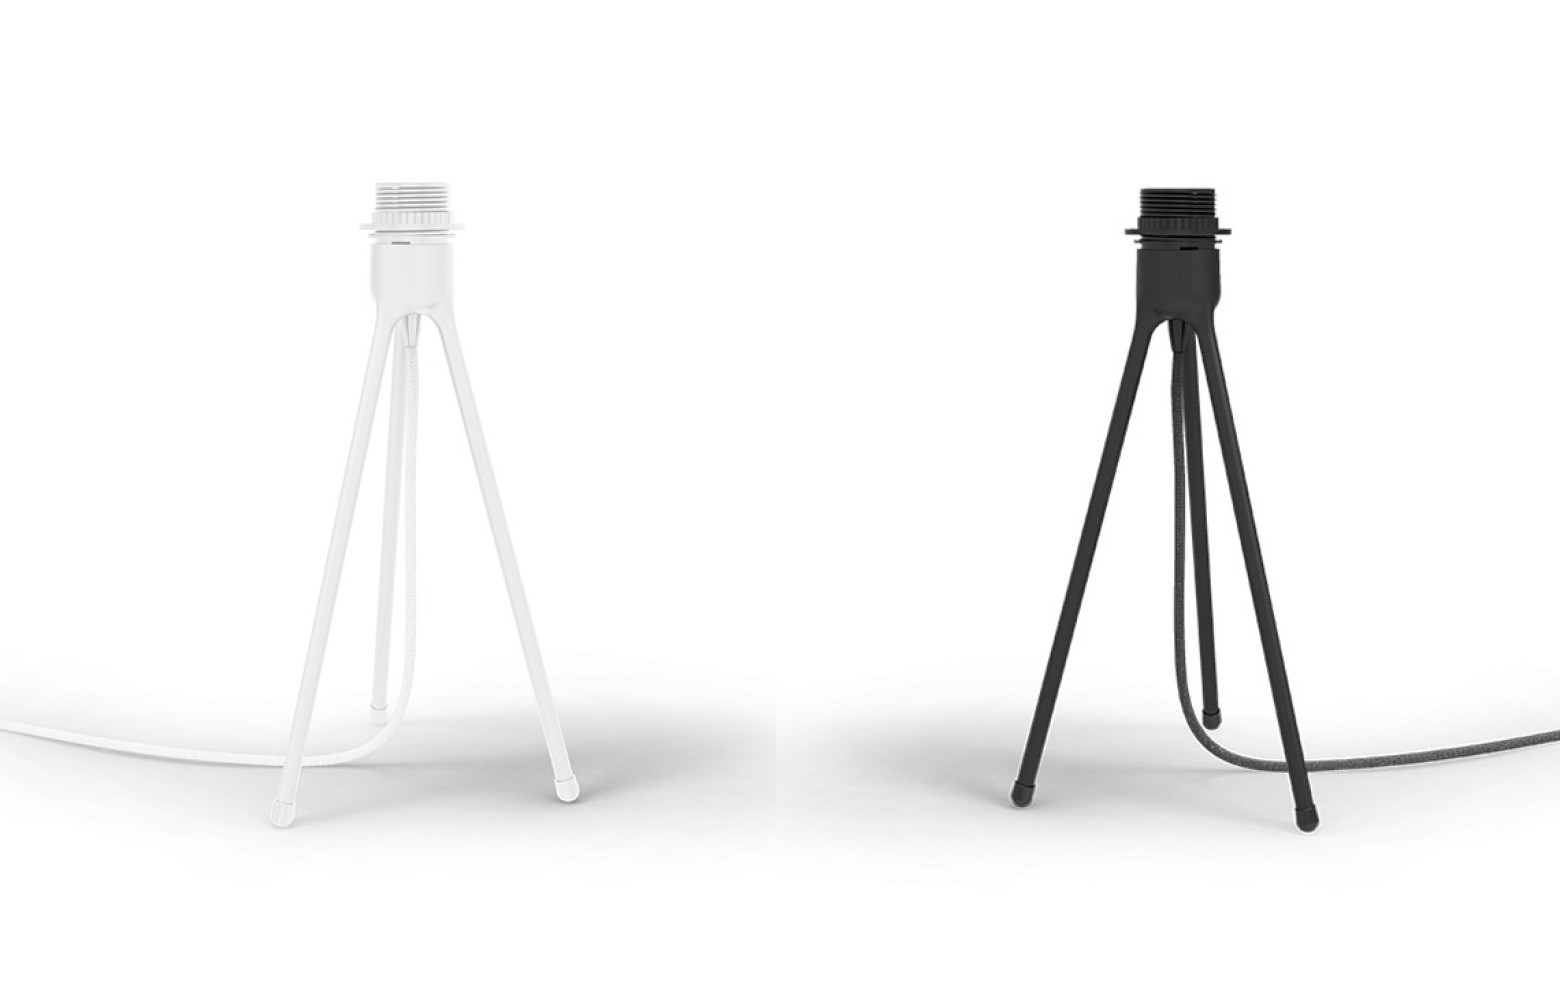 tripod graph bing images. Black Bedroom Furniture Sets. Home Design Ideas